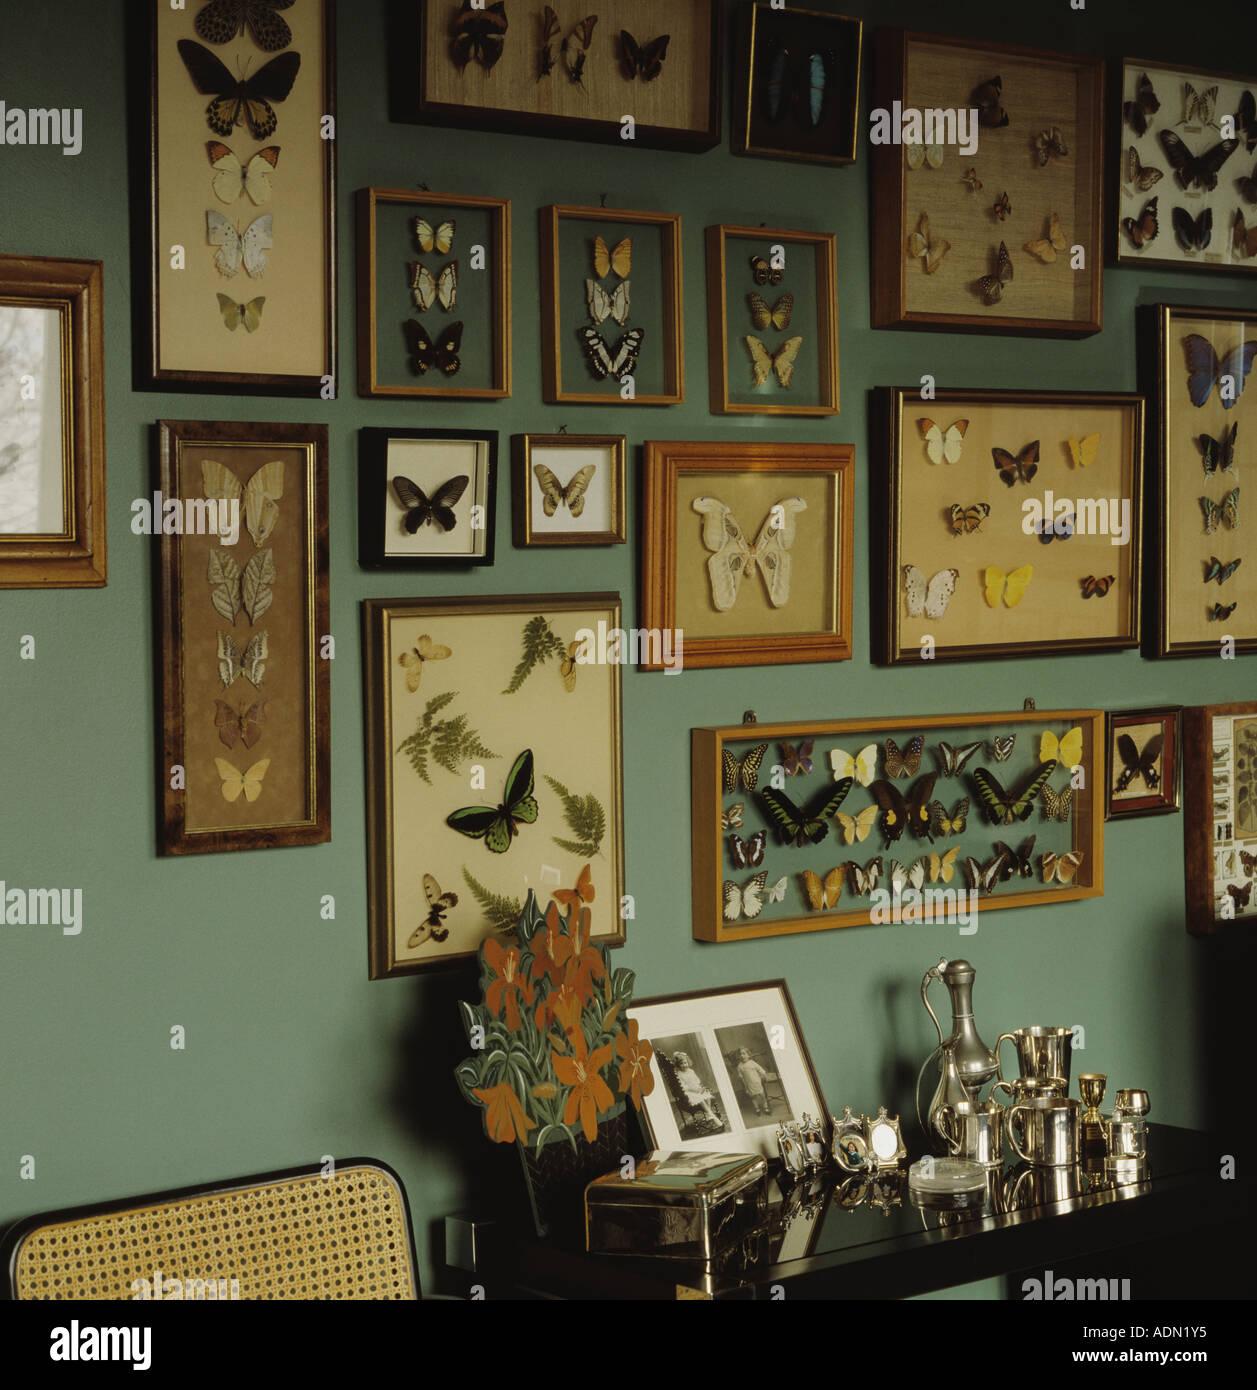 Ausgezeichnet Gerahmte Bilder Für Esszimmer Galerie ...